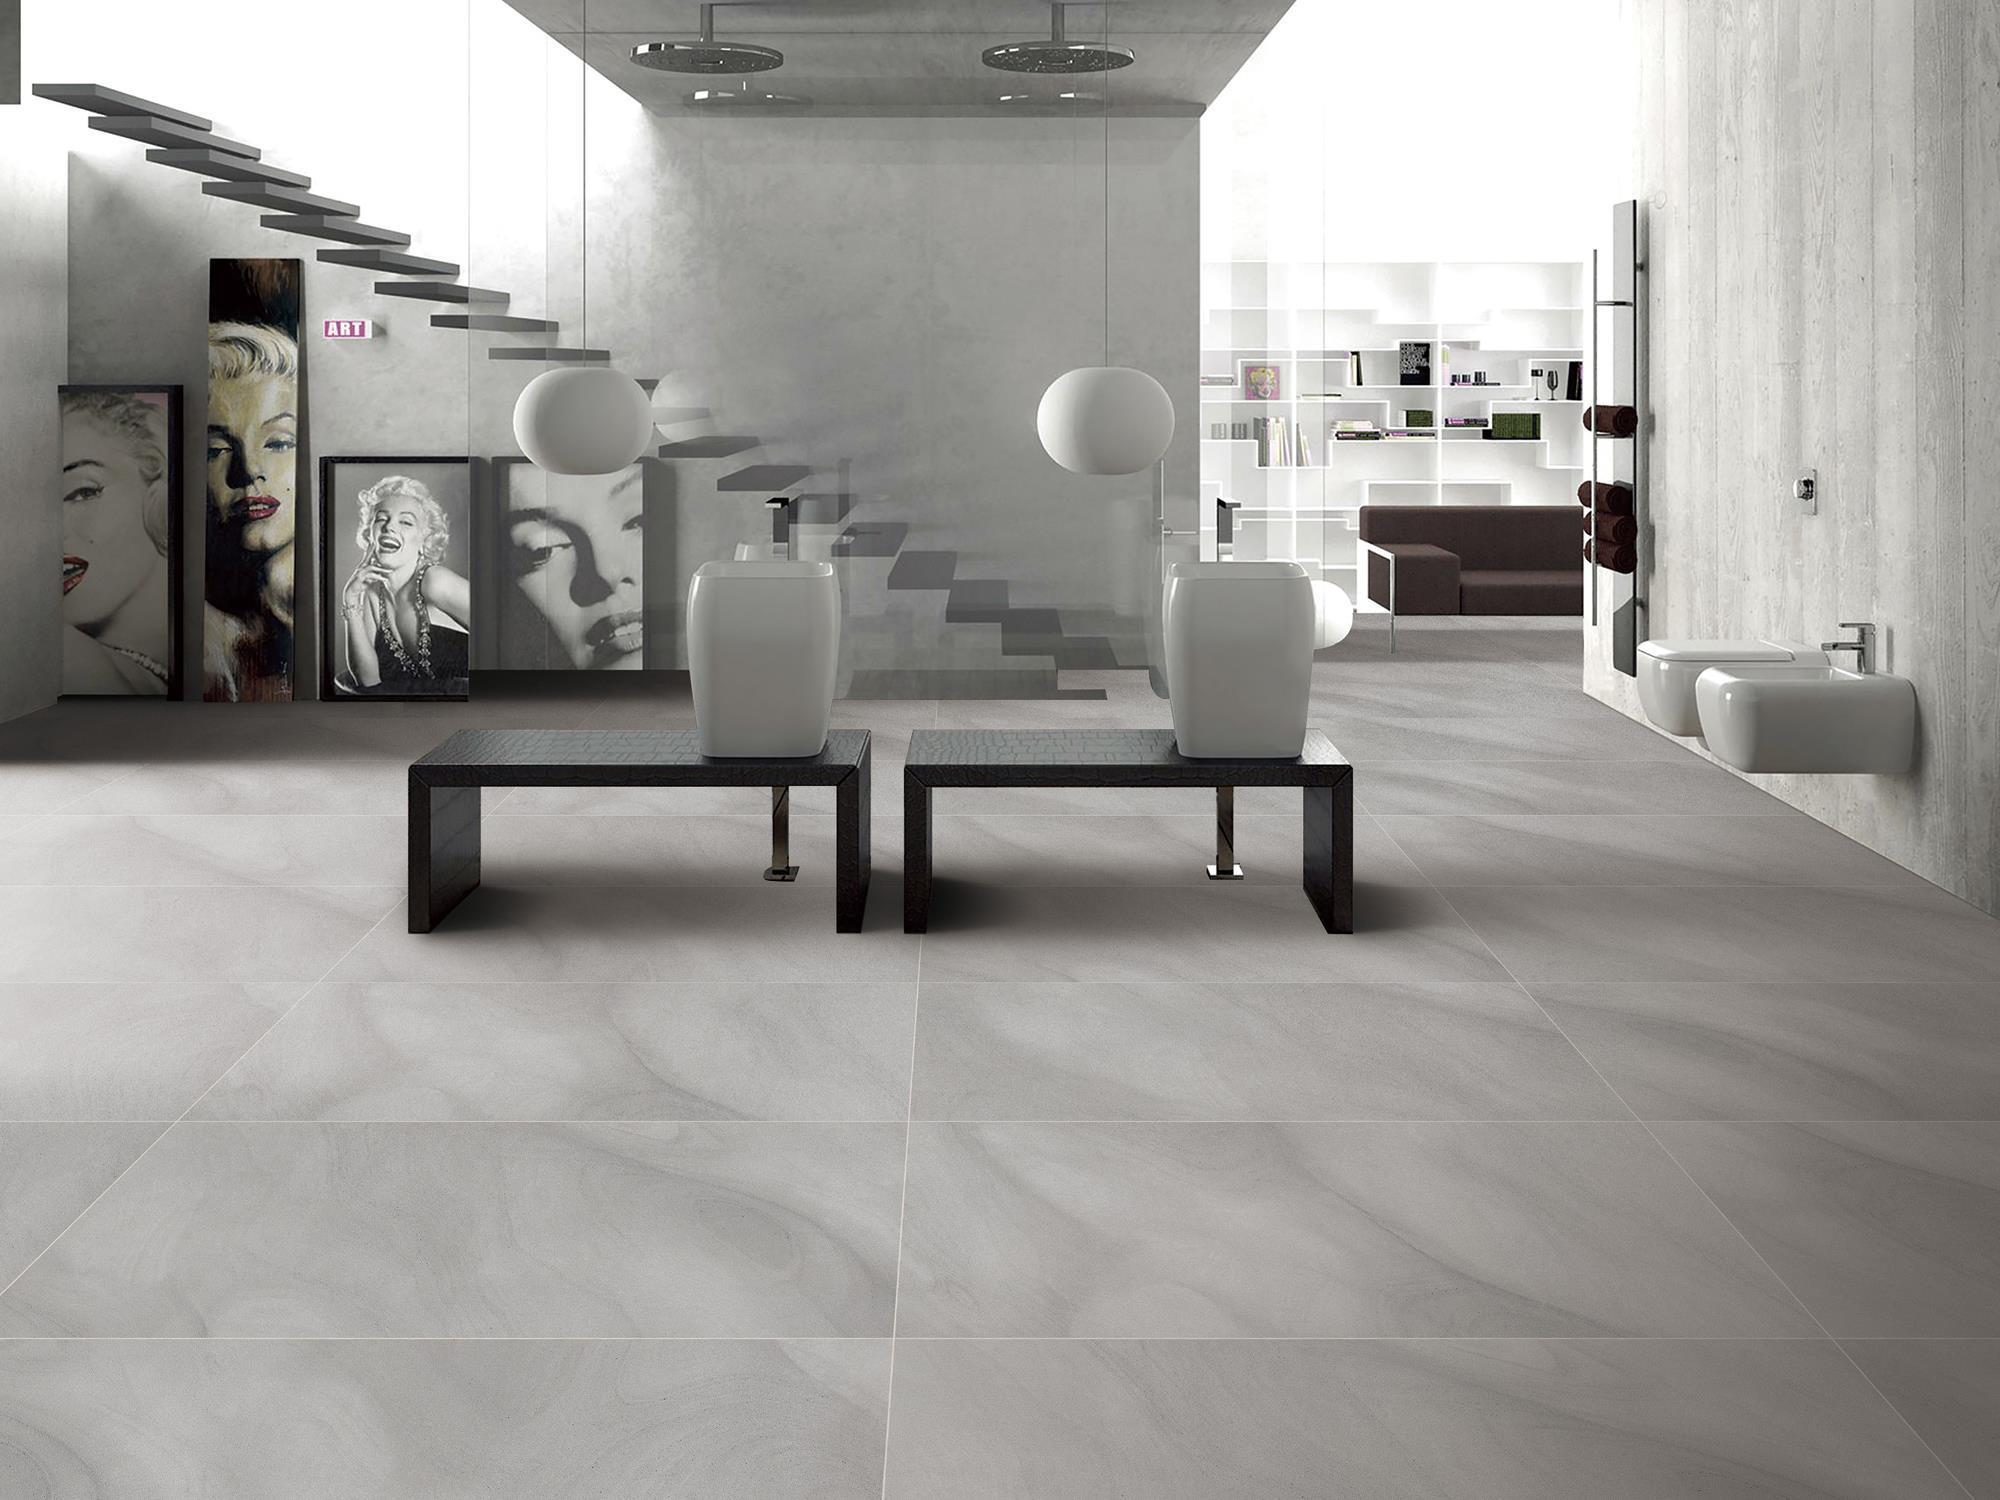 科普小知识:花岗岩通体瓷砖厚板有什么规格及特点